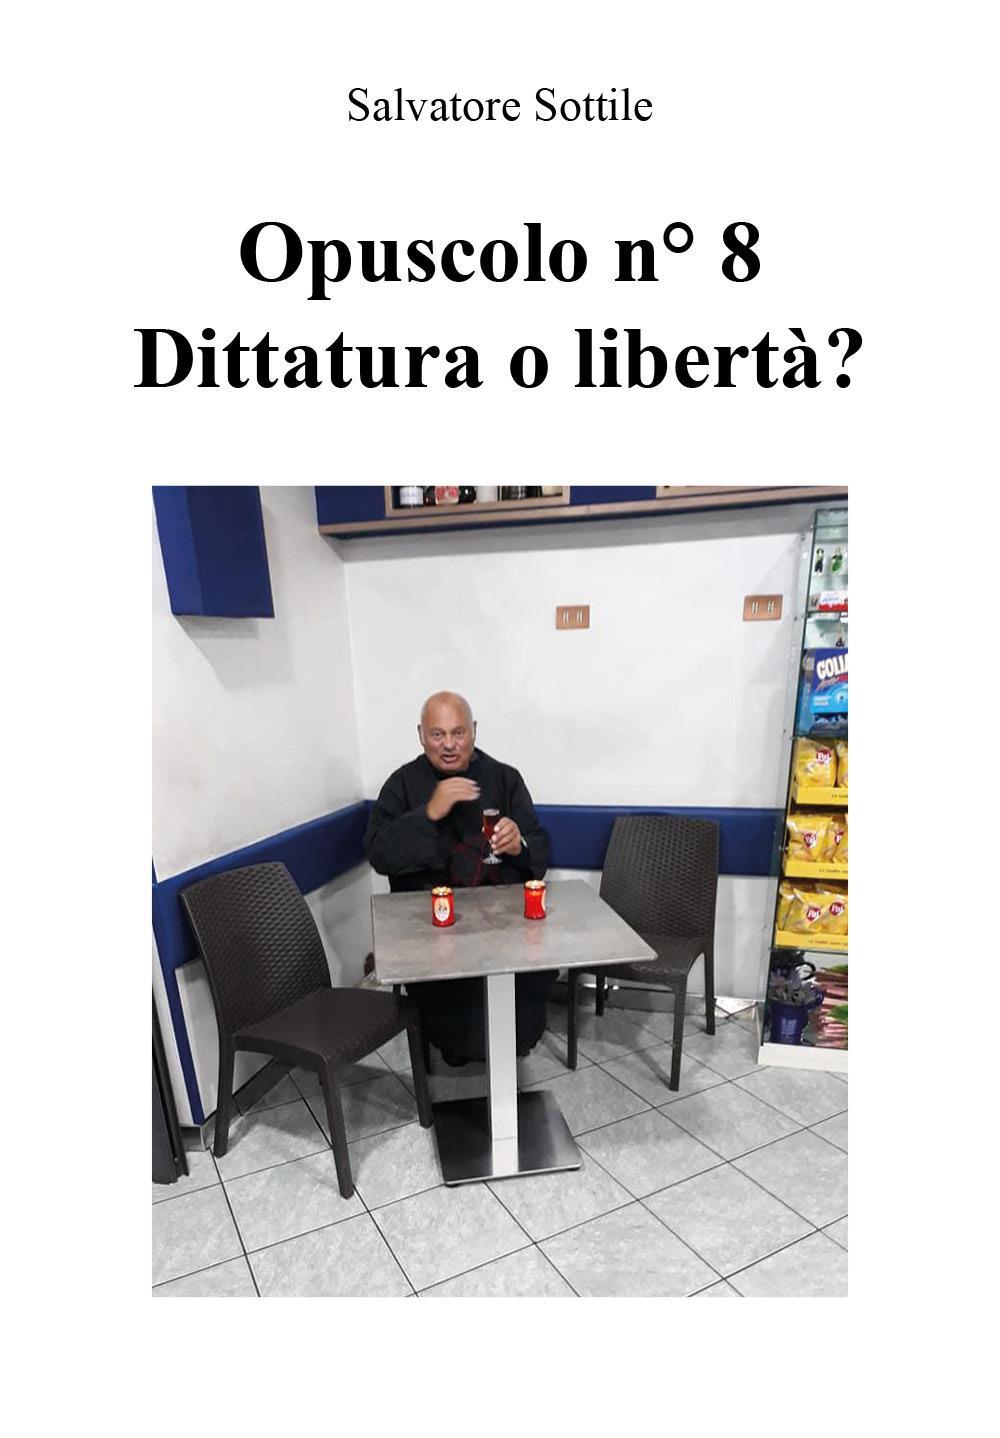 Opuscolo n 8 - Dittatura o libertà?